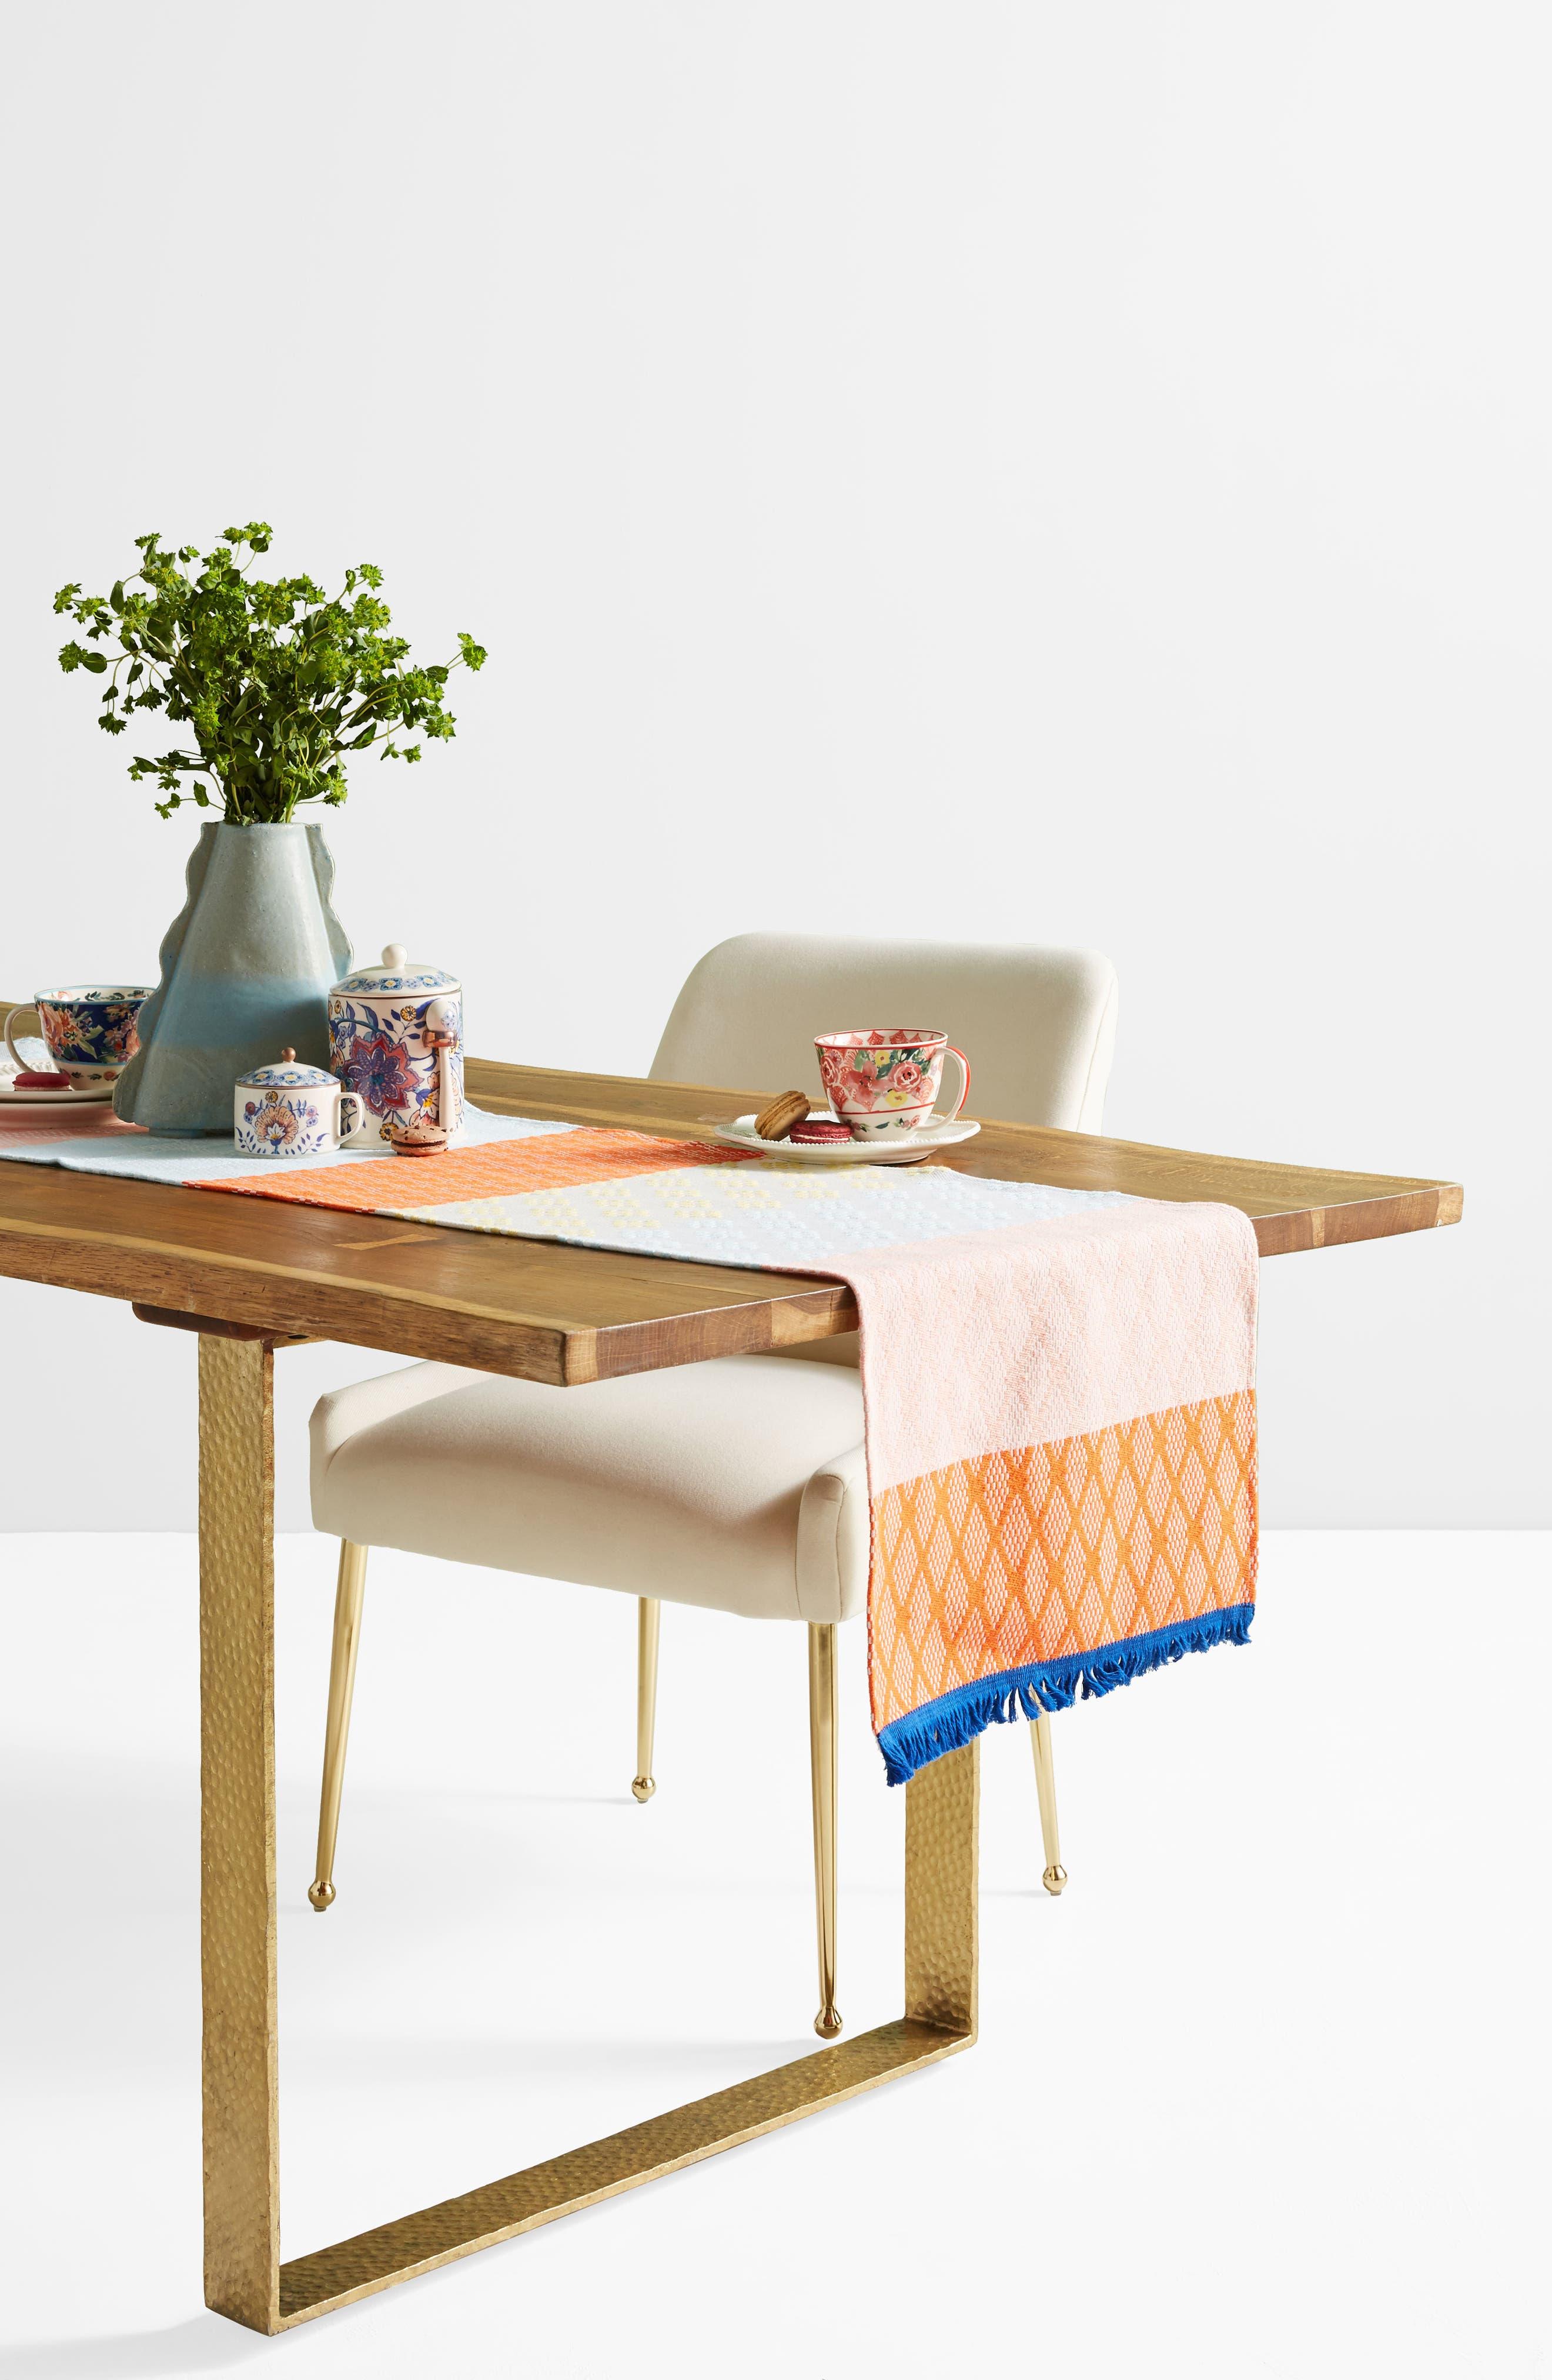 Hermine Van Dijck Jacquard Table Runner,                             Alternate thumbnail 4, color,                             900